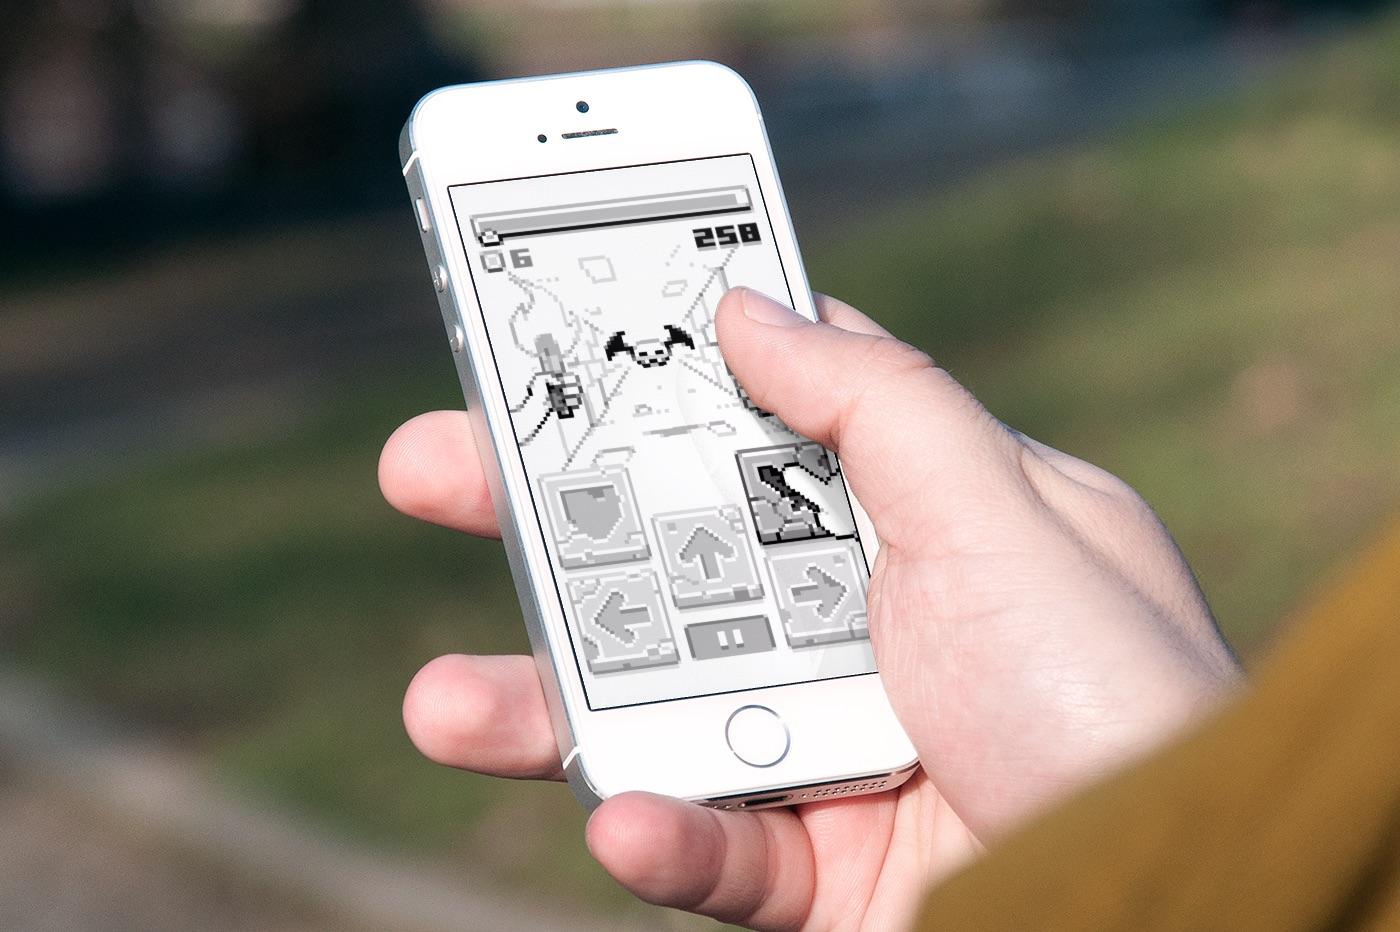 Spring RPG disponible sur iPhone & iPad : pixels et monochromie au programme 1